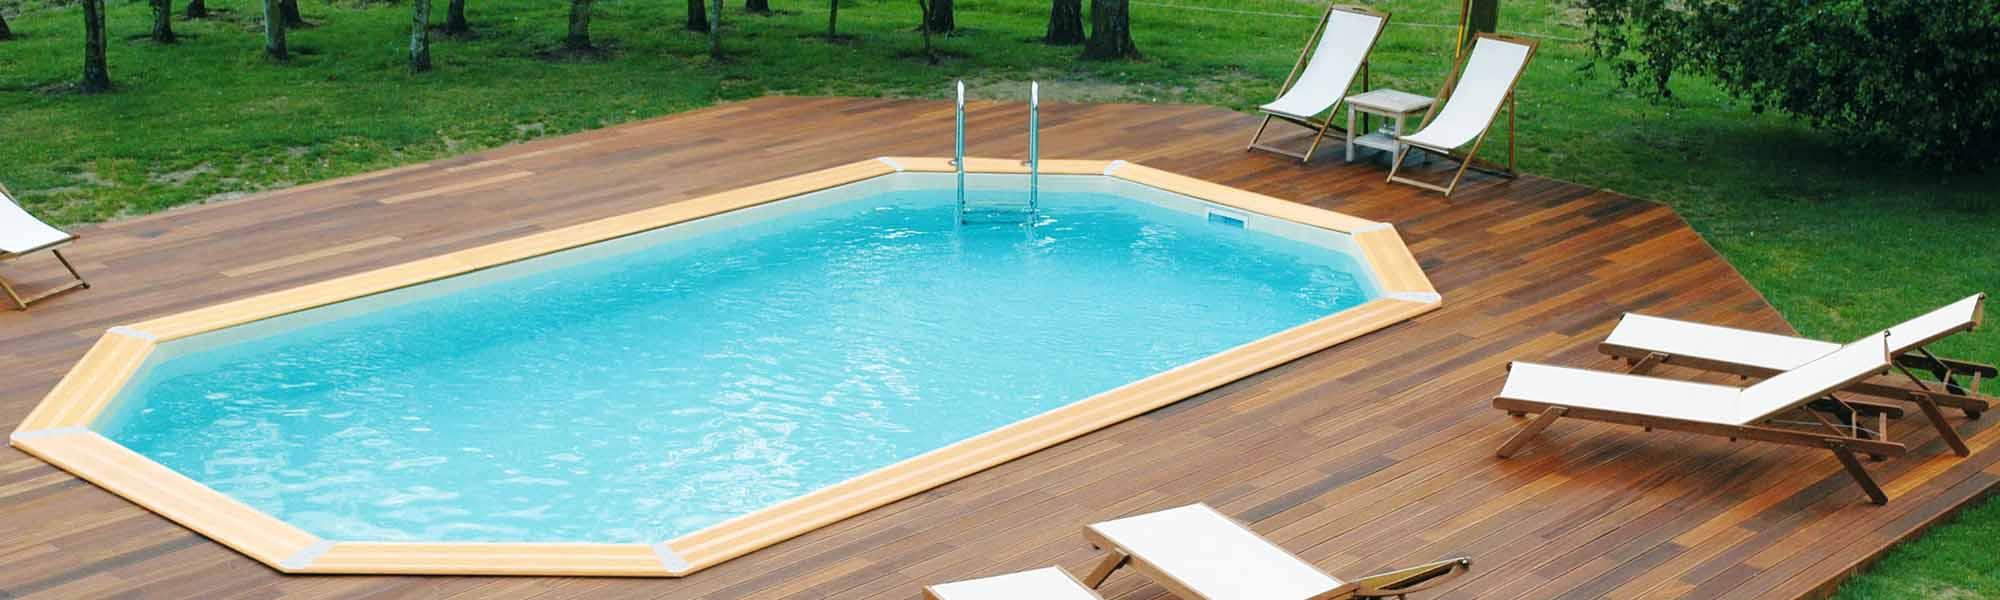 achat piscine pas cher astuces bons plans conseil. Black Bedroom Furniture Sets. Home Design Ideas